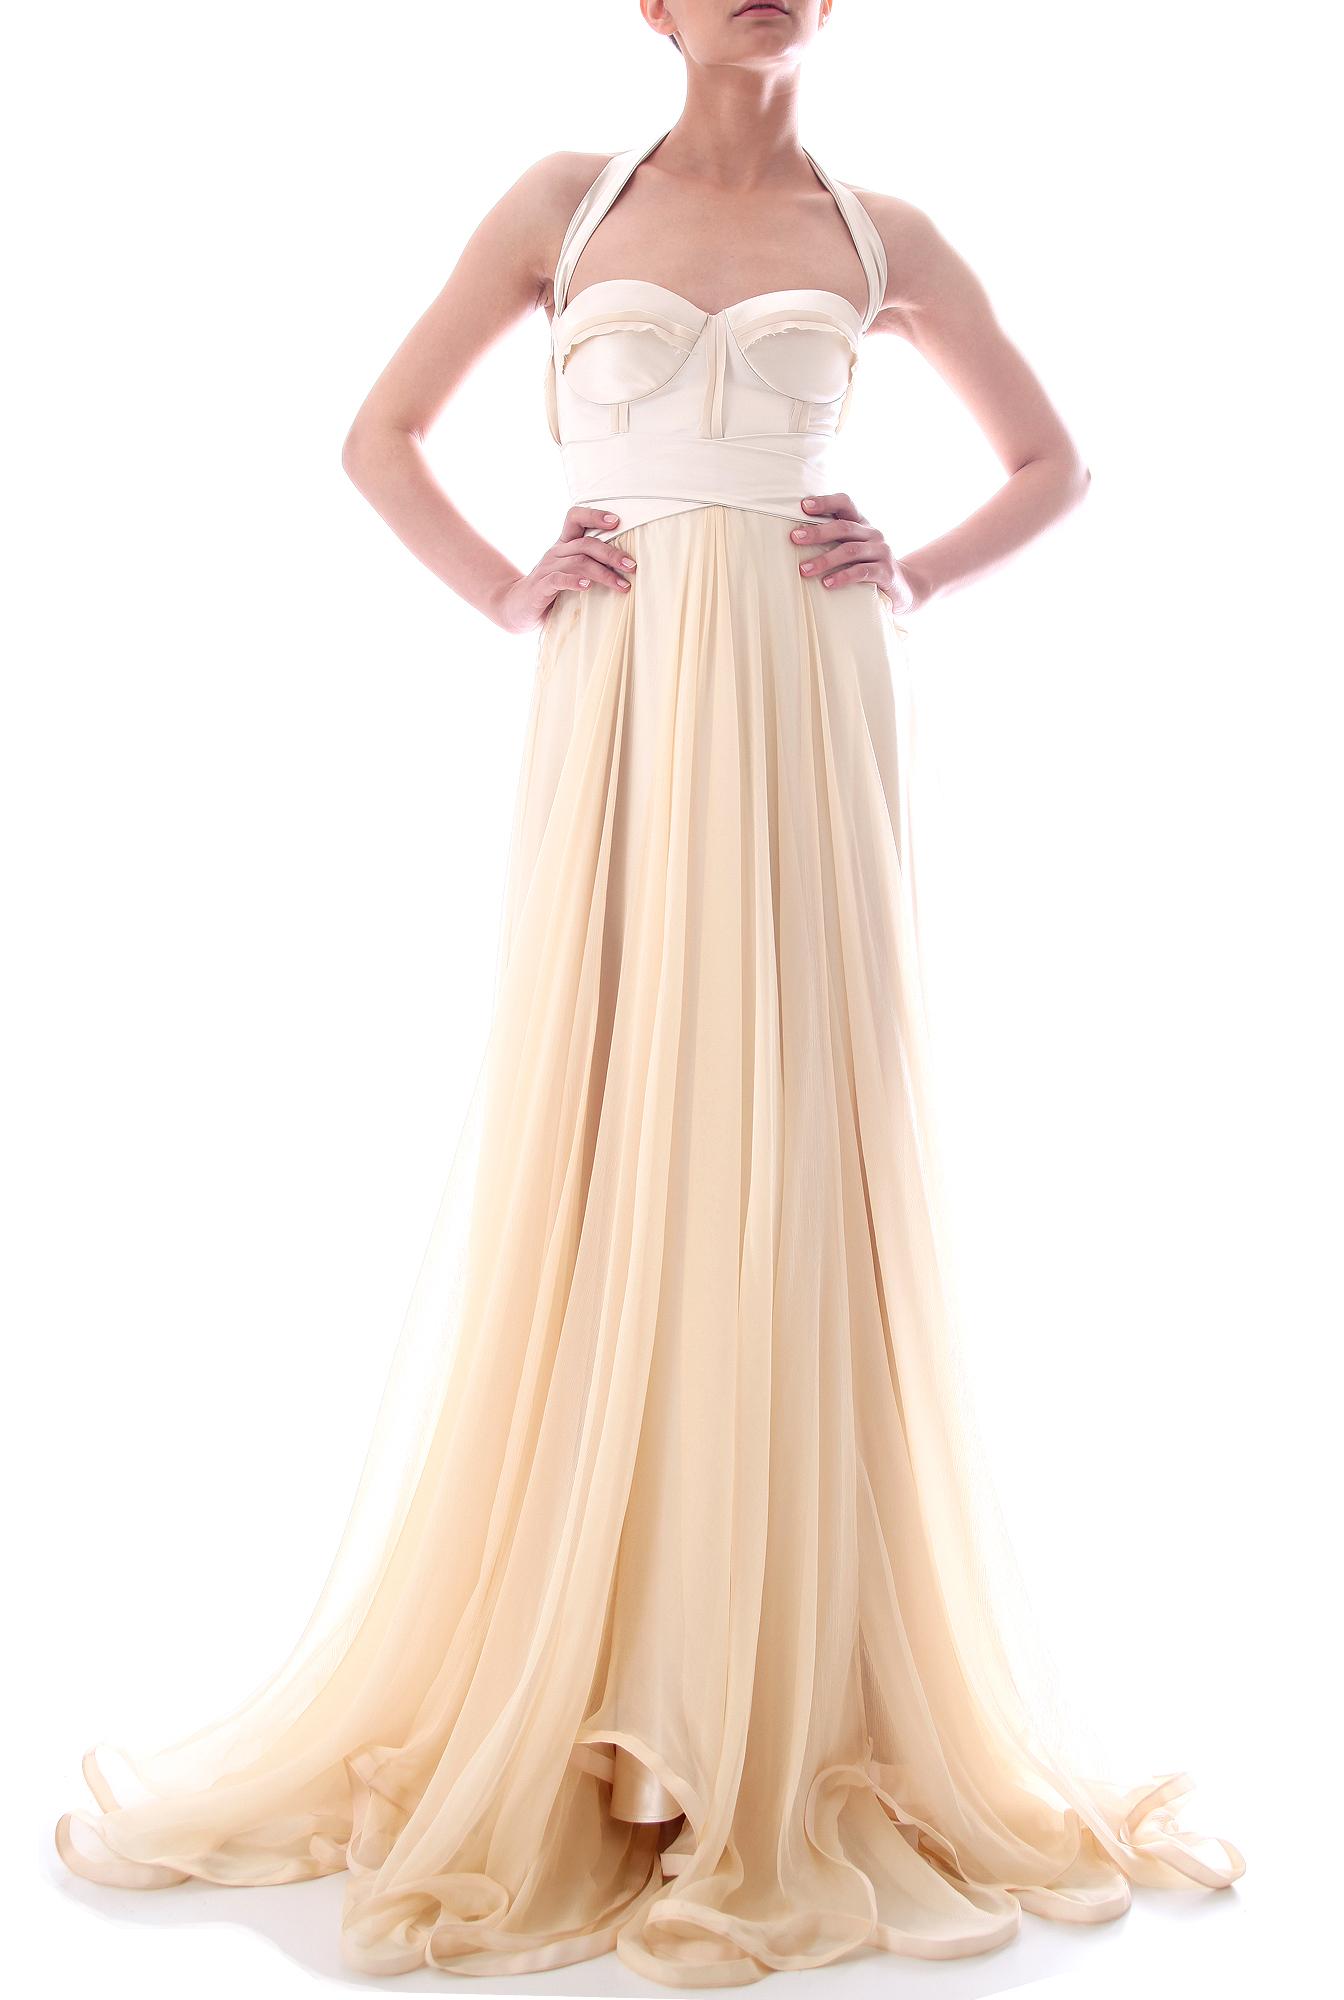 Maria Lucia Hohan - Bridal Gown | AMELIE cream white